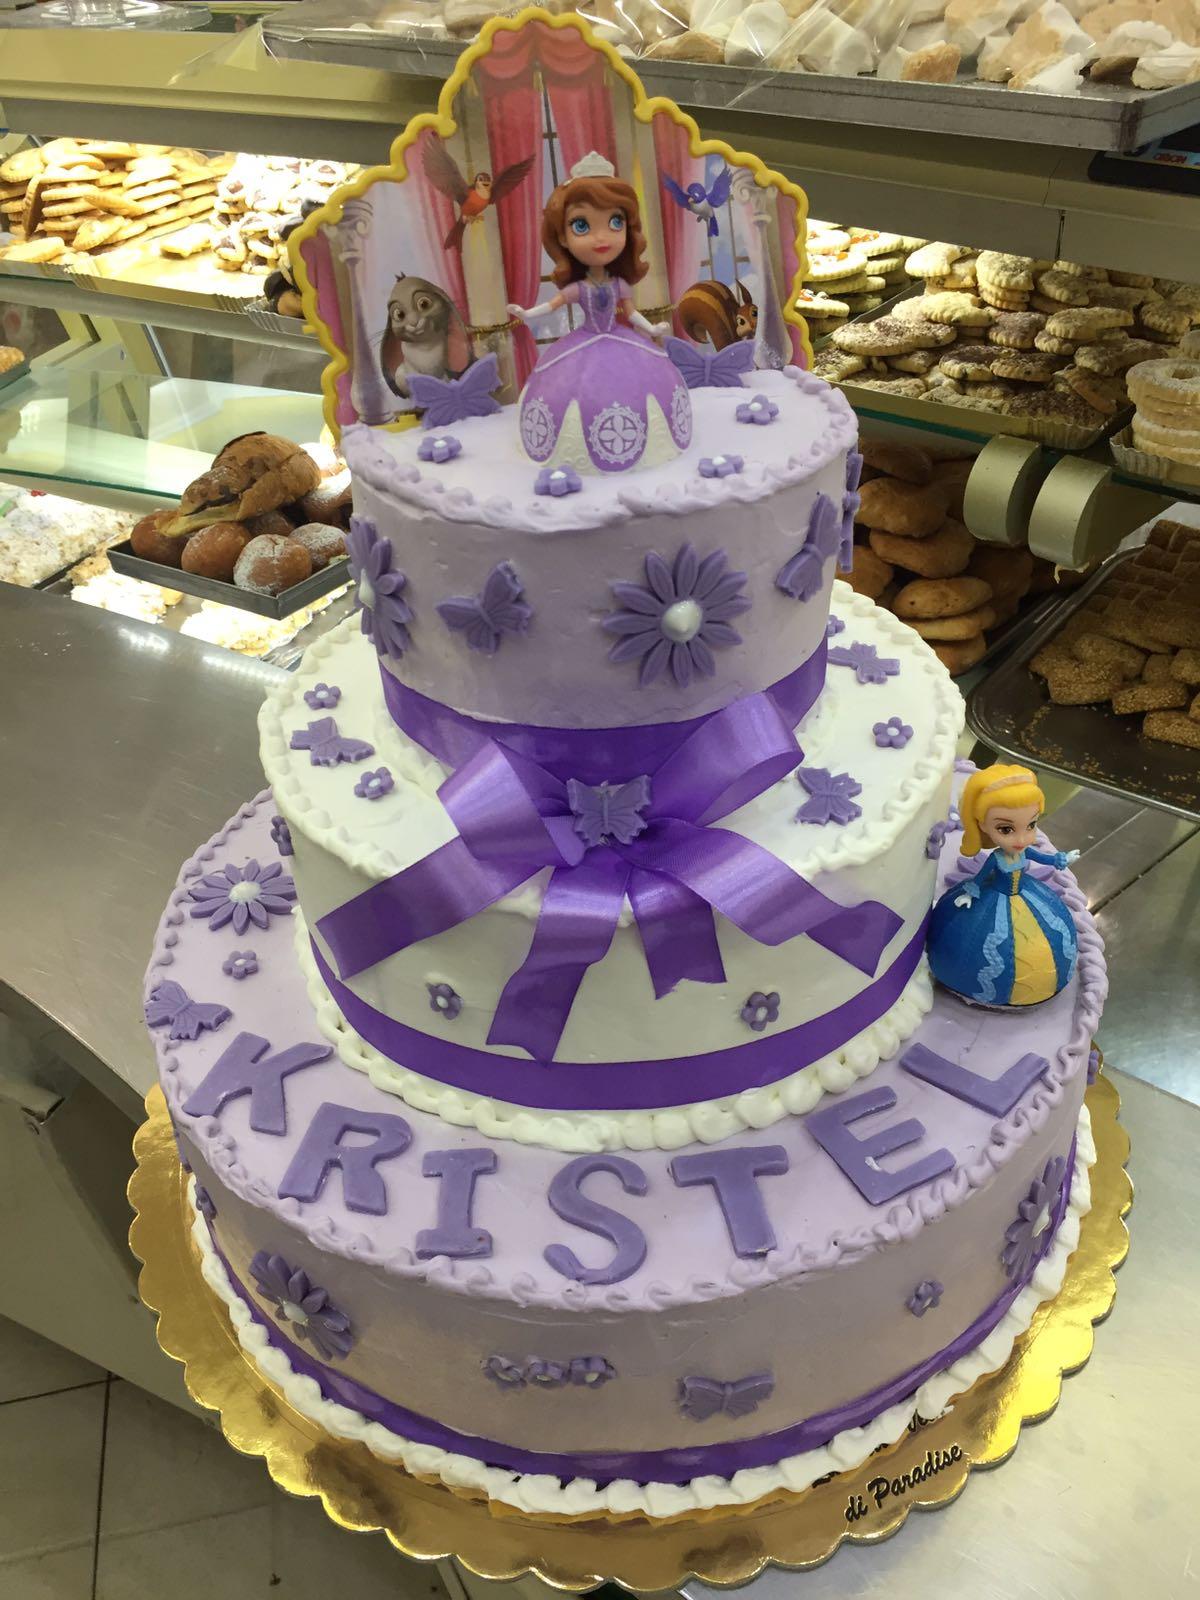 una torta a tre piani bianca con un fiocco viola con scritto Kristel